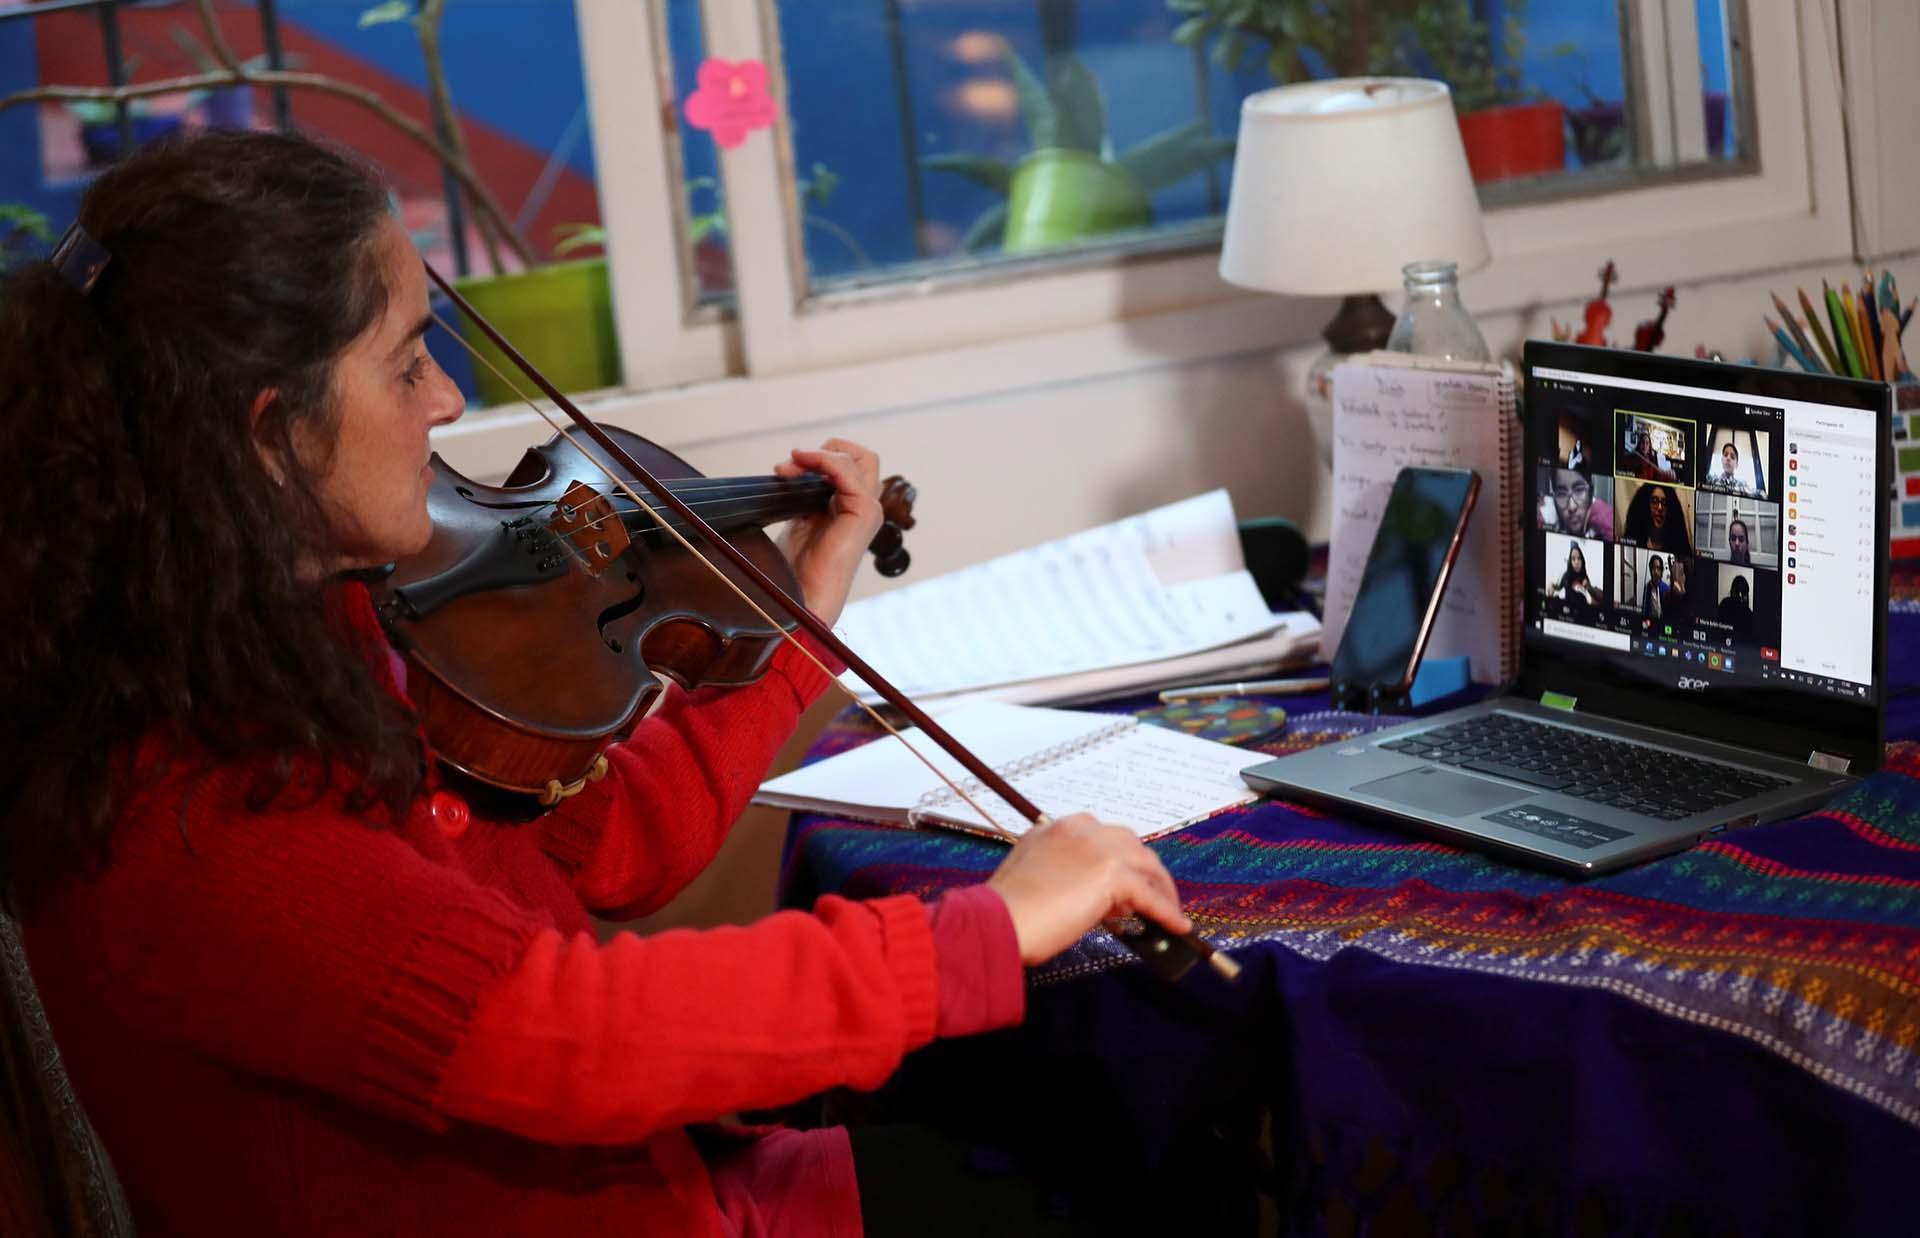 Clarisa Orfila, profesora de violín, le ensaña a sus alumnos por zoom en una foto que data del 16 de julio, cuando todavía faltaban meses para llegar al pico de contagios en el país